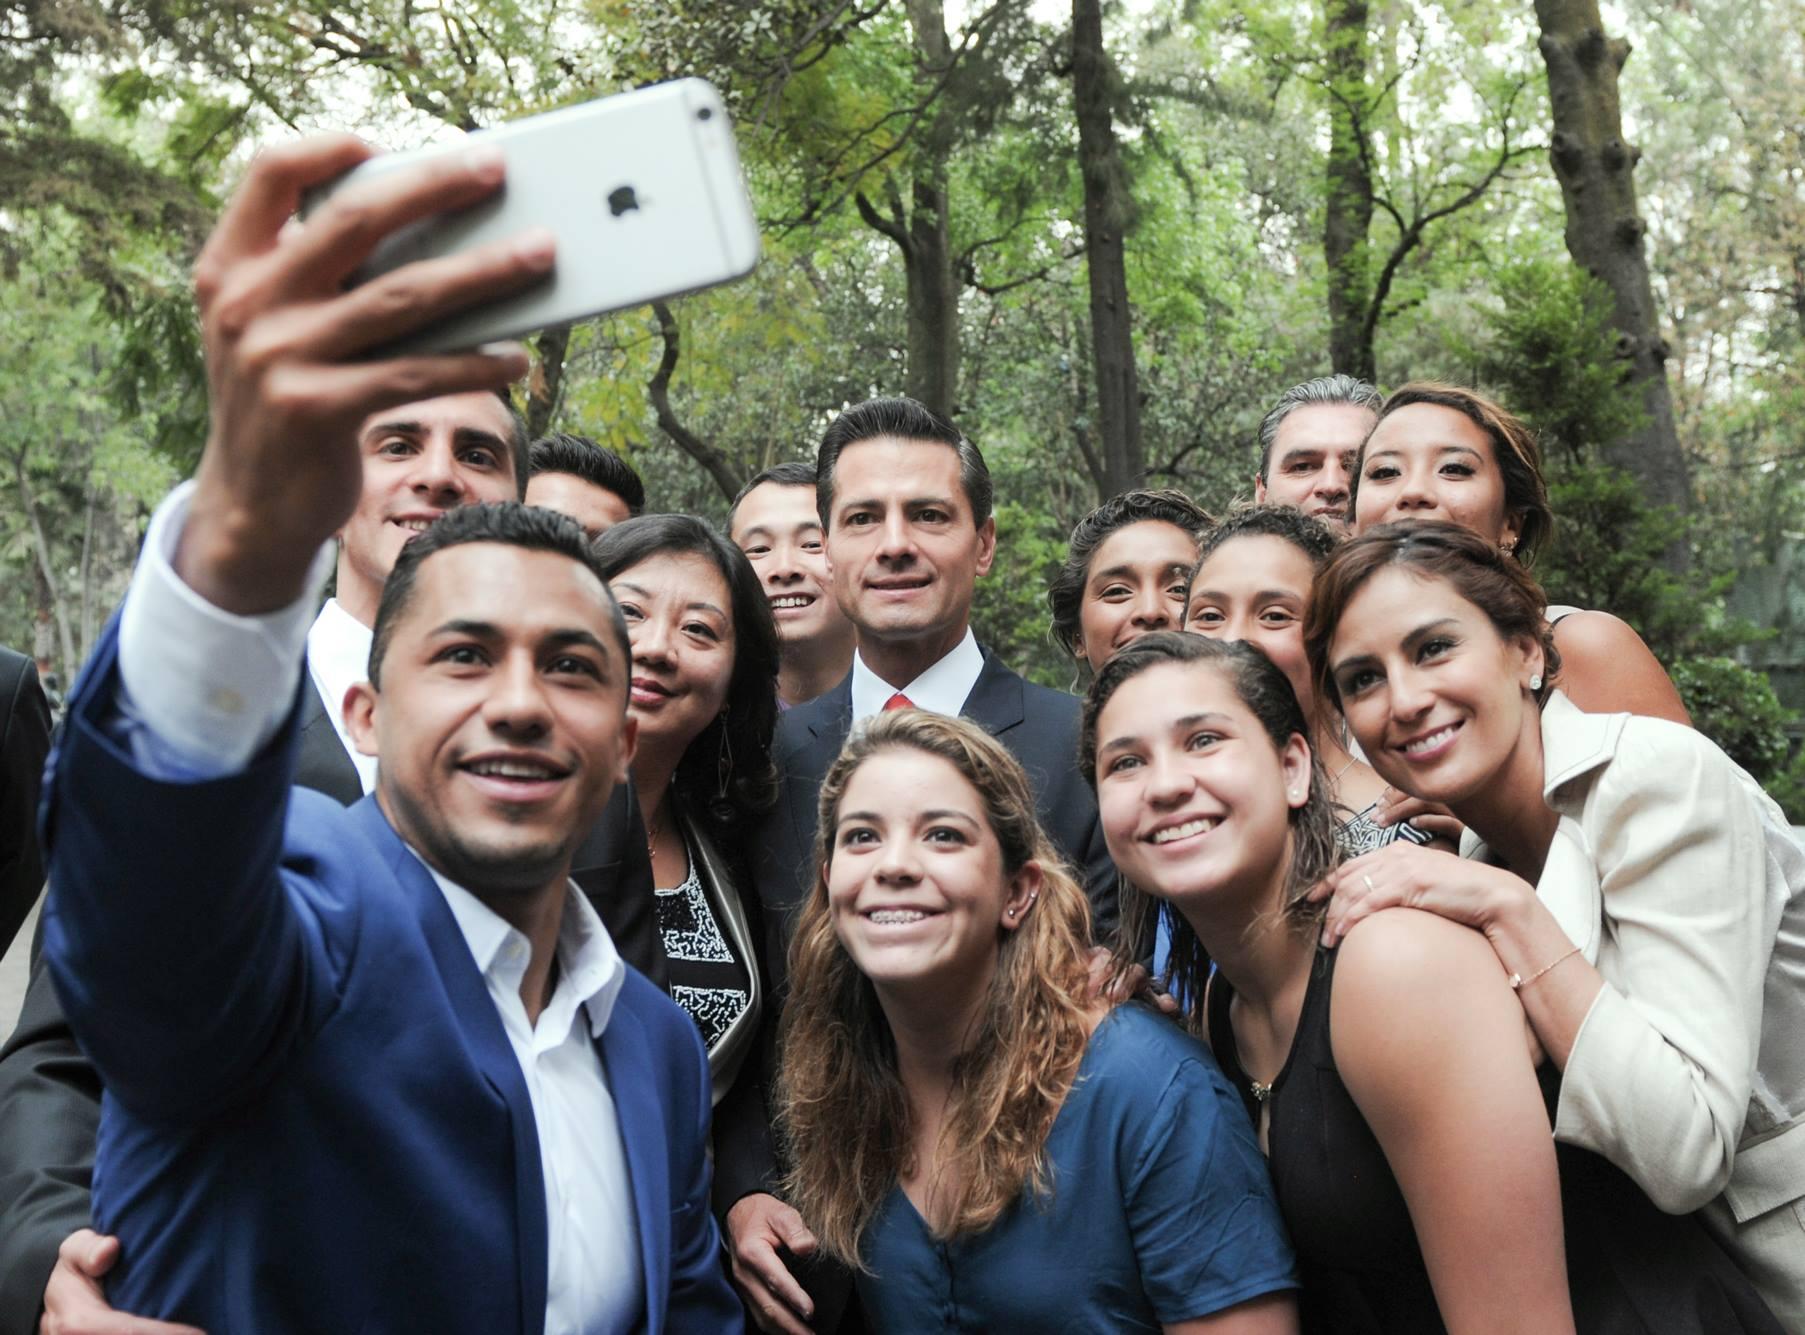 En el grupo, destacó la presencia de Rommel Pacheco, integrante del Estado Mayor Presidencial, así como de Iván García y Germán Sánchez, quienes forman parte del Cuerpo de Guardias Presidenciales.